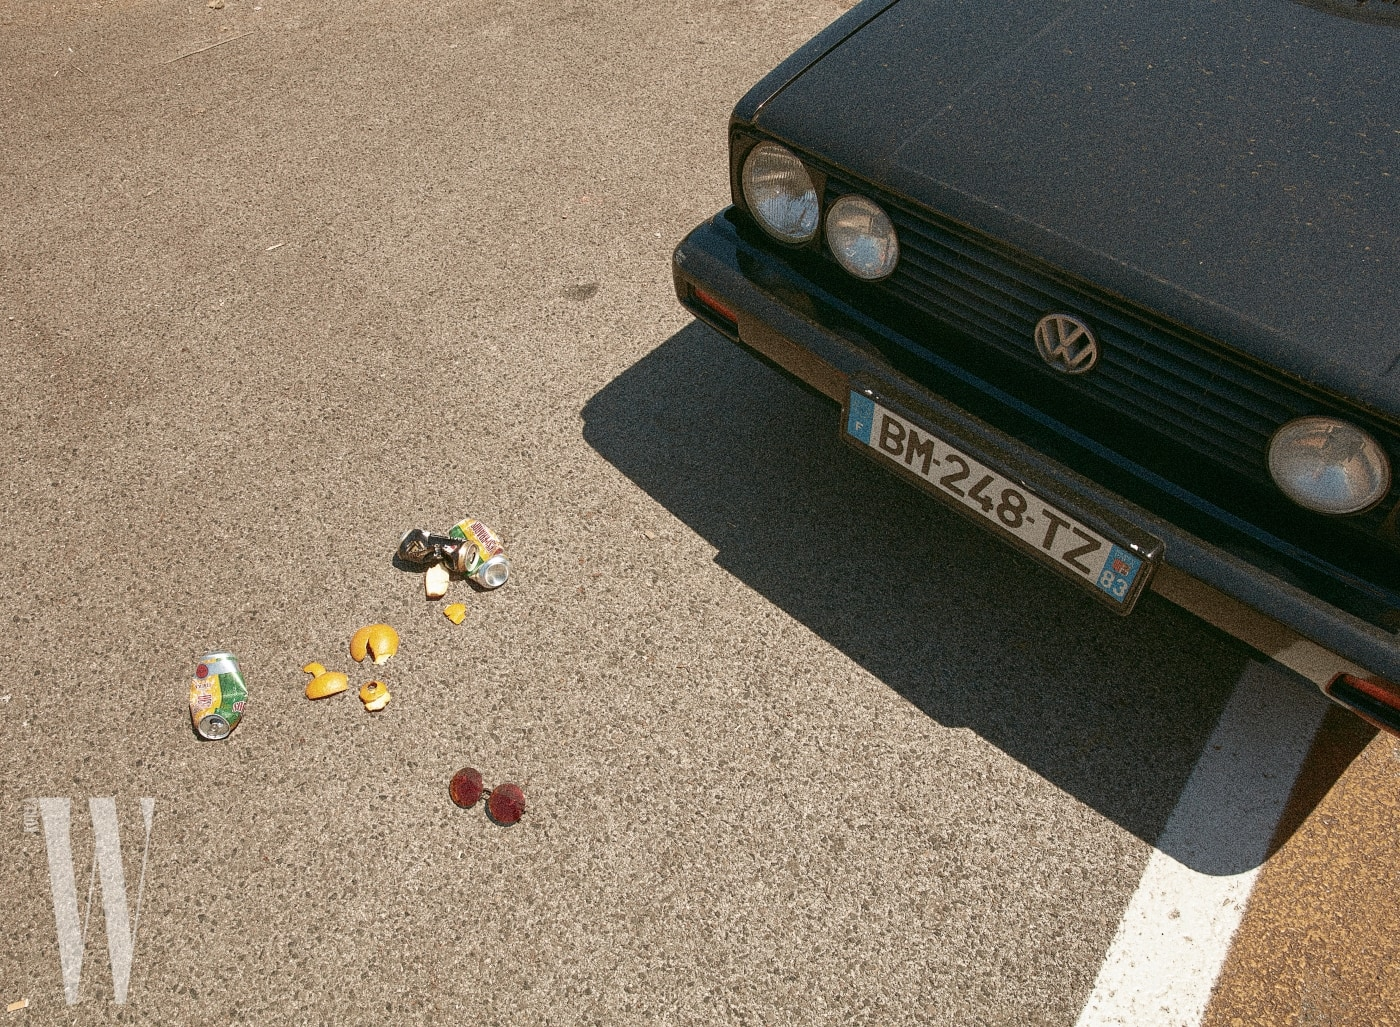 동그란 프레임의 미러 선글라스는 린다 패로우×매튜 윌리엄슨 by 한독 제품. 31만5천원.